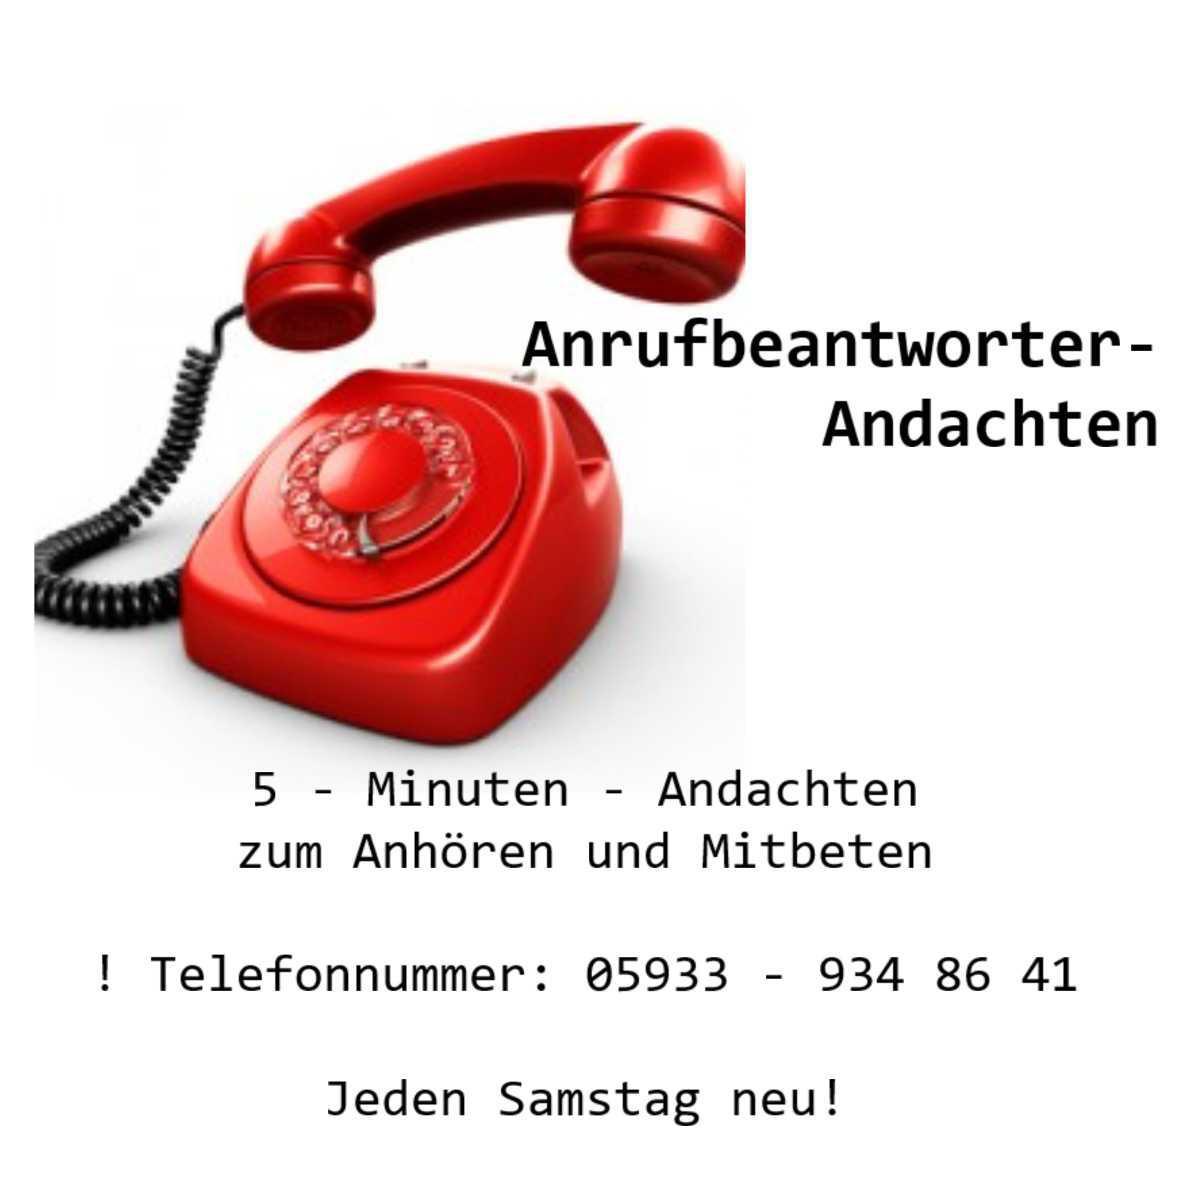 Anrufbeantworter Andachten